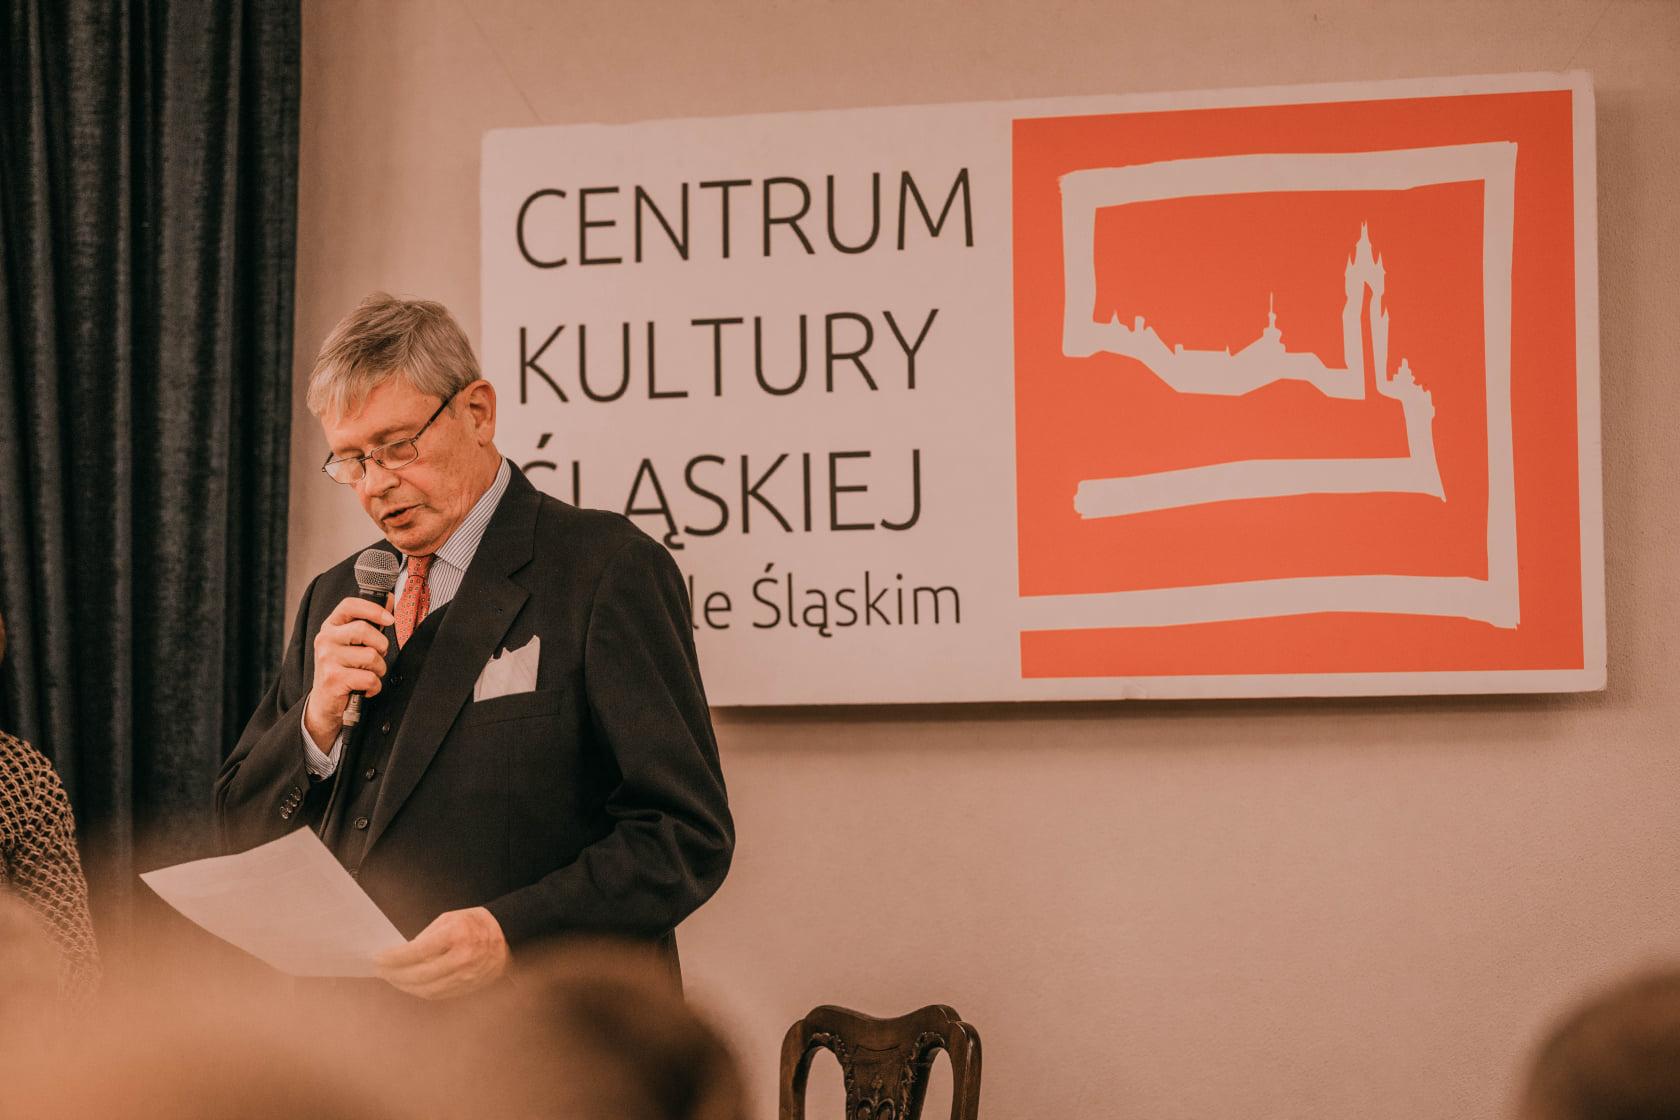 mężczyzna w ręku trzyma mikrofon w tle tablica Centrum Kultury Śląskiej